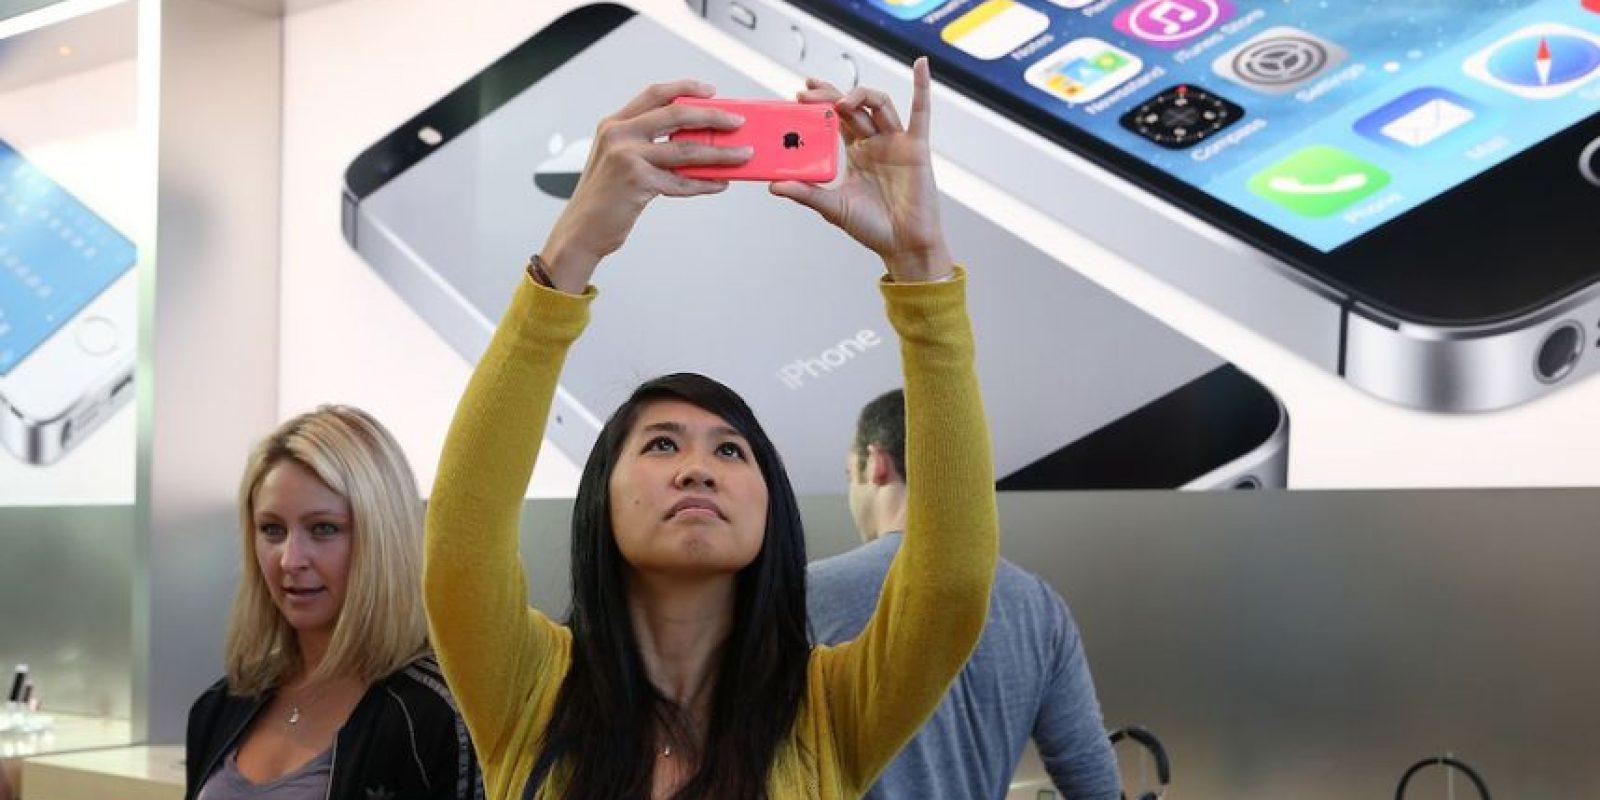 1) En mayo de 2015, una niña de 12 años de Filadelfia, Estados Unidos, sufrió quemaduras de segundo grado por culpa de su iPhone 5c. Su mamá se lo regaló en noviembre pasado para estar en comunicación. Foto:Getty Images